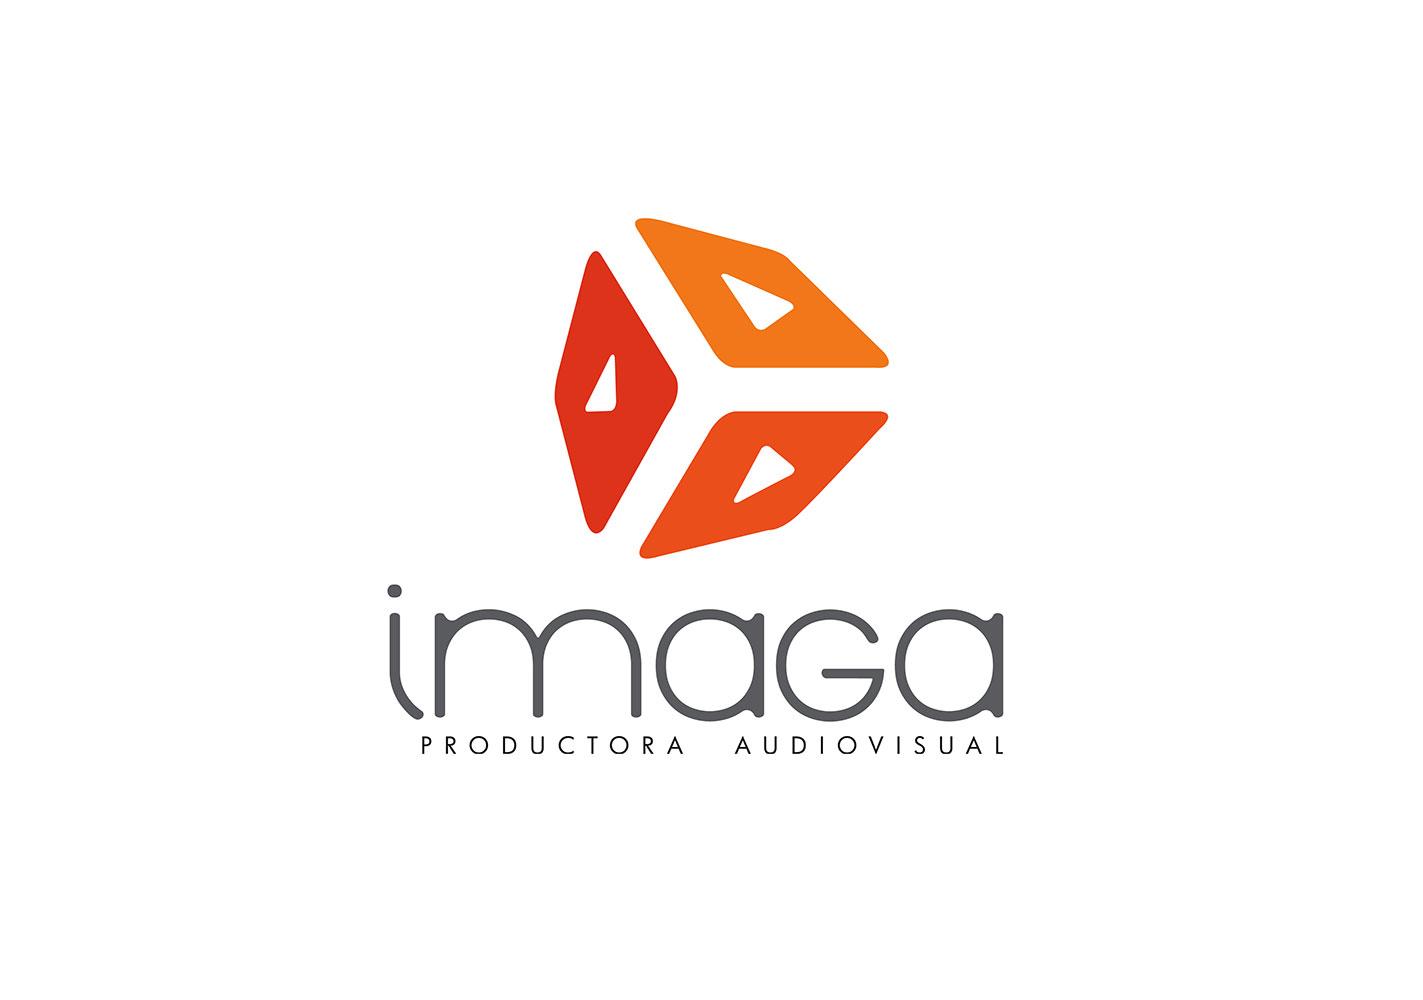 Imaga